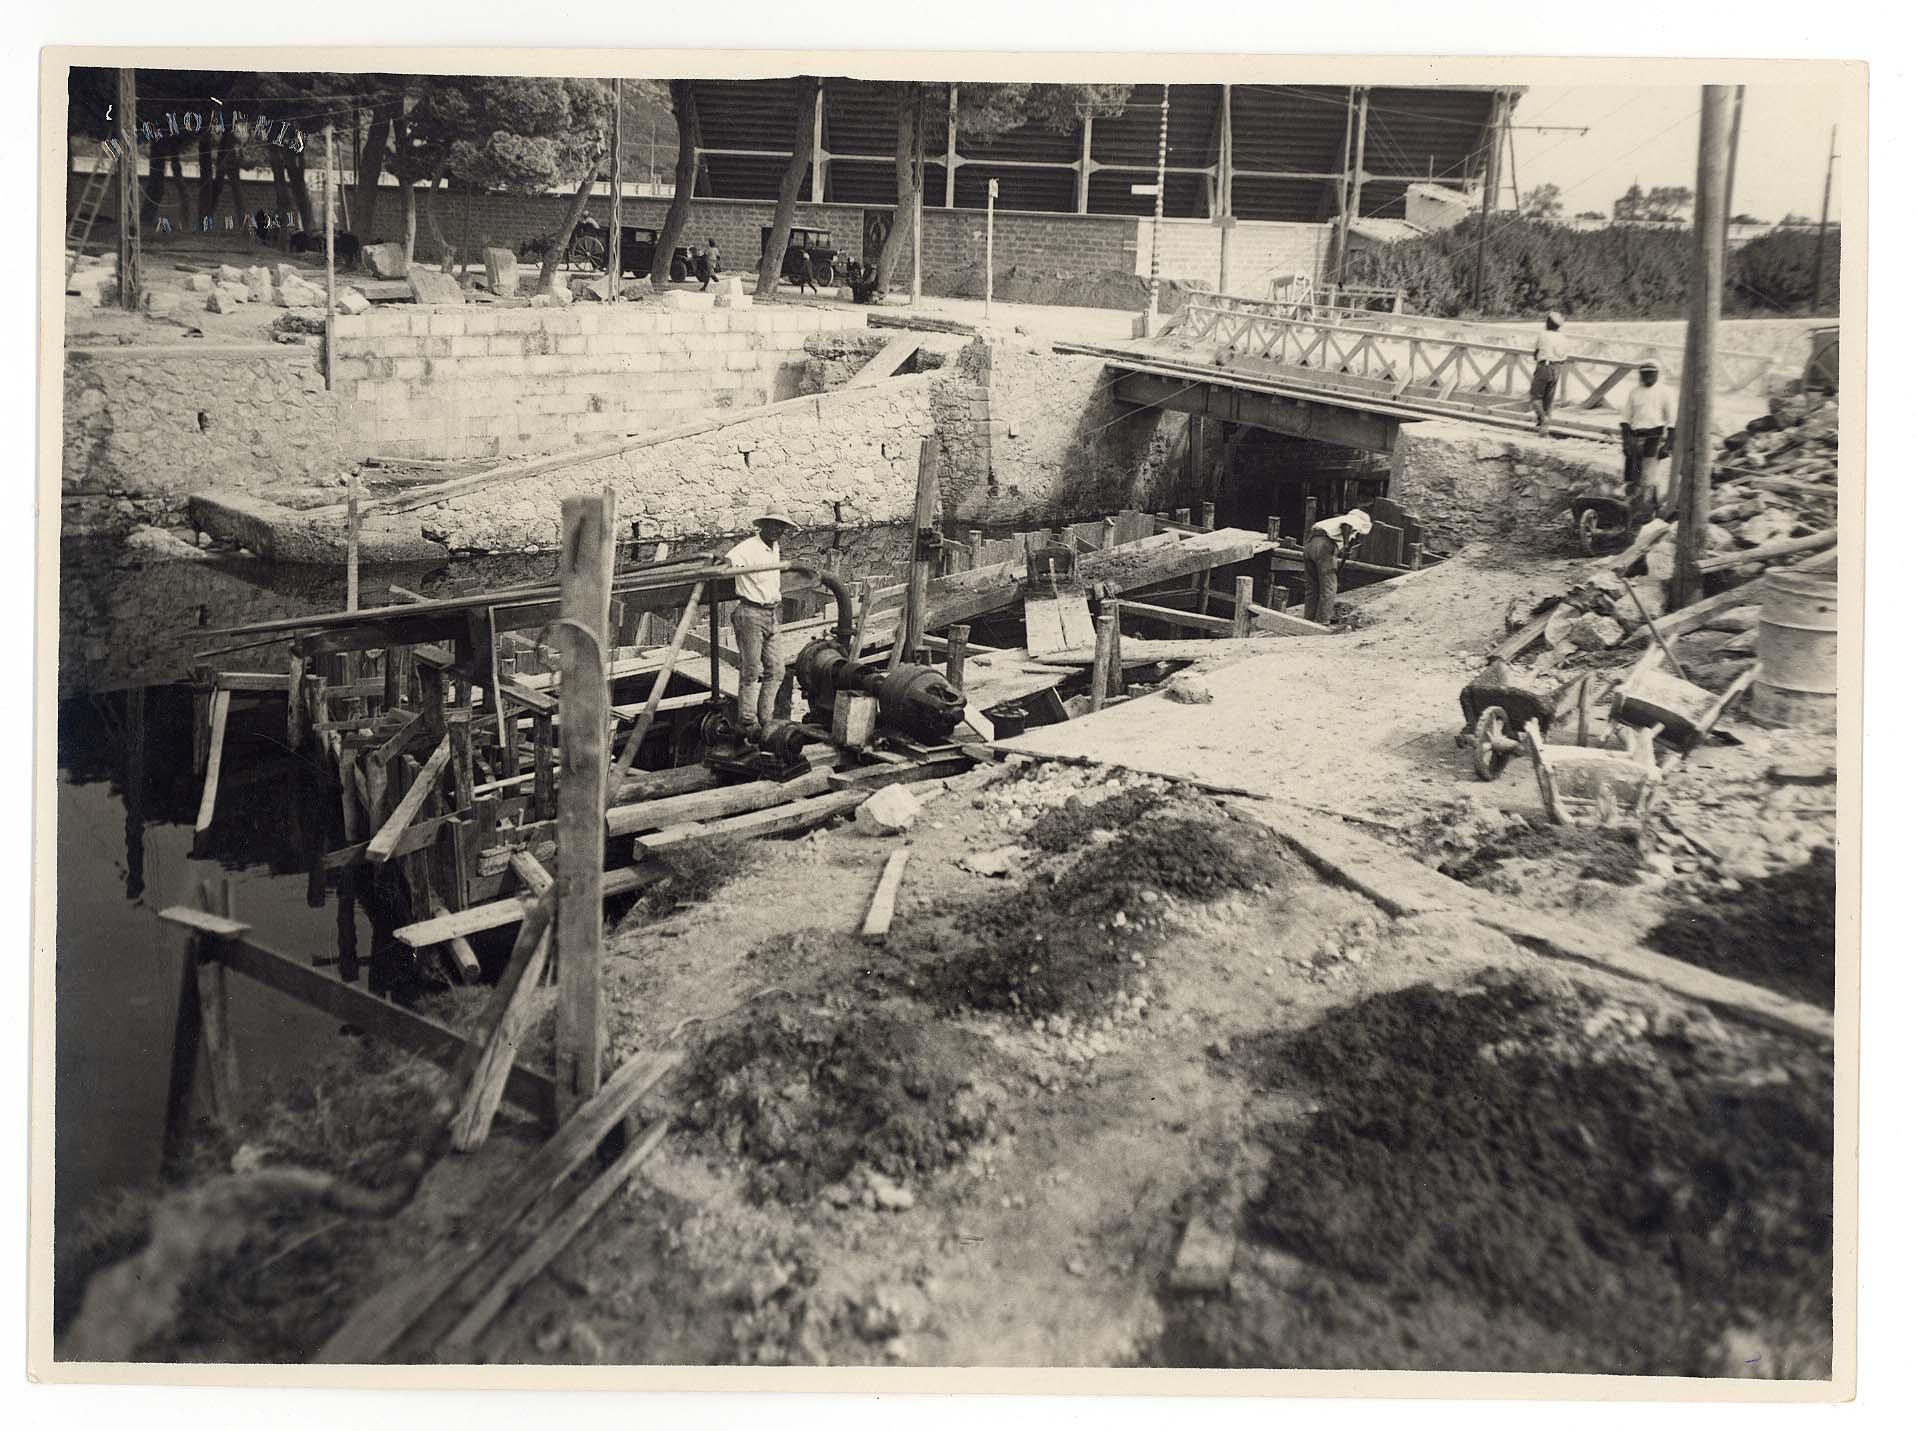 Archivio Comunale - 1930 - Topografia_jpg_foto 0016